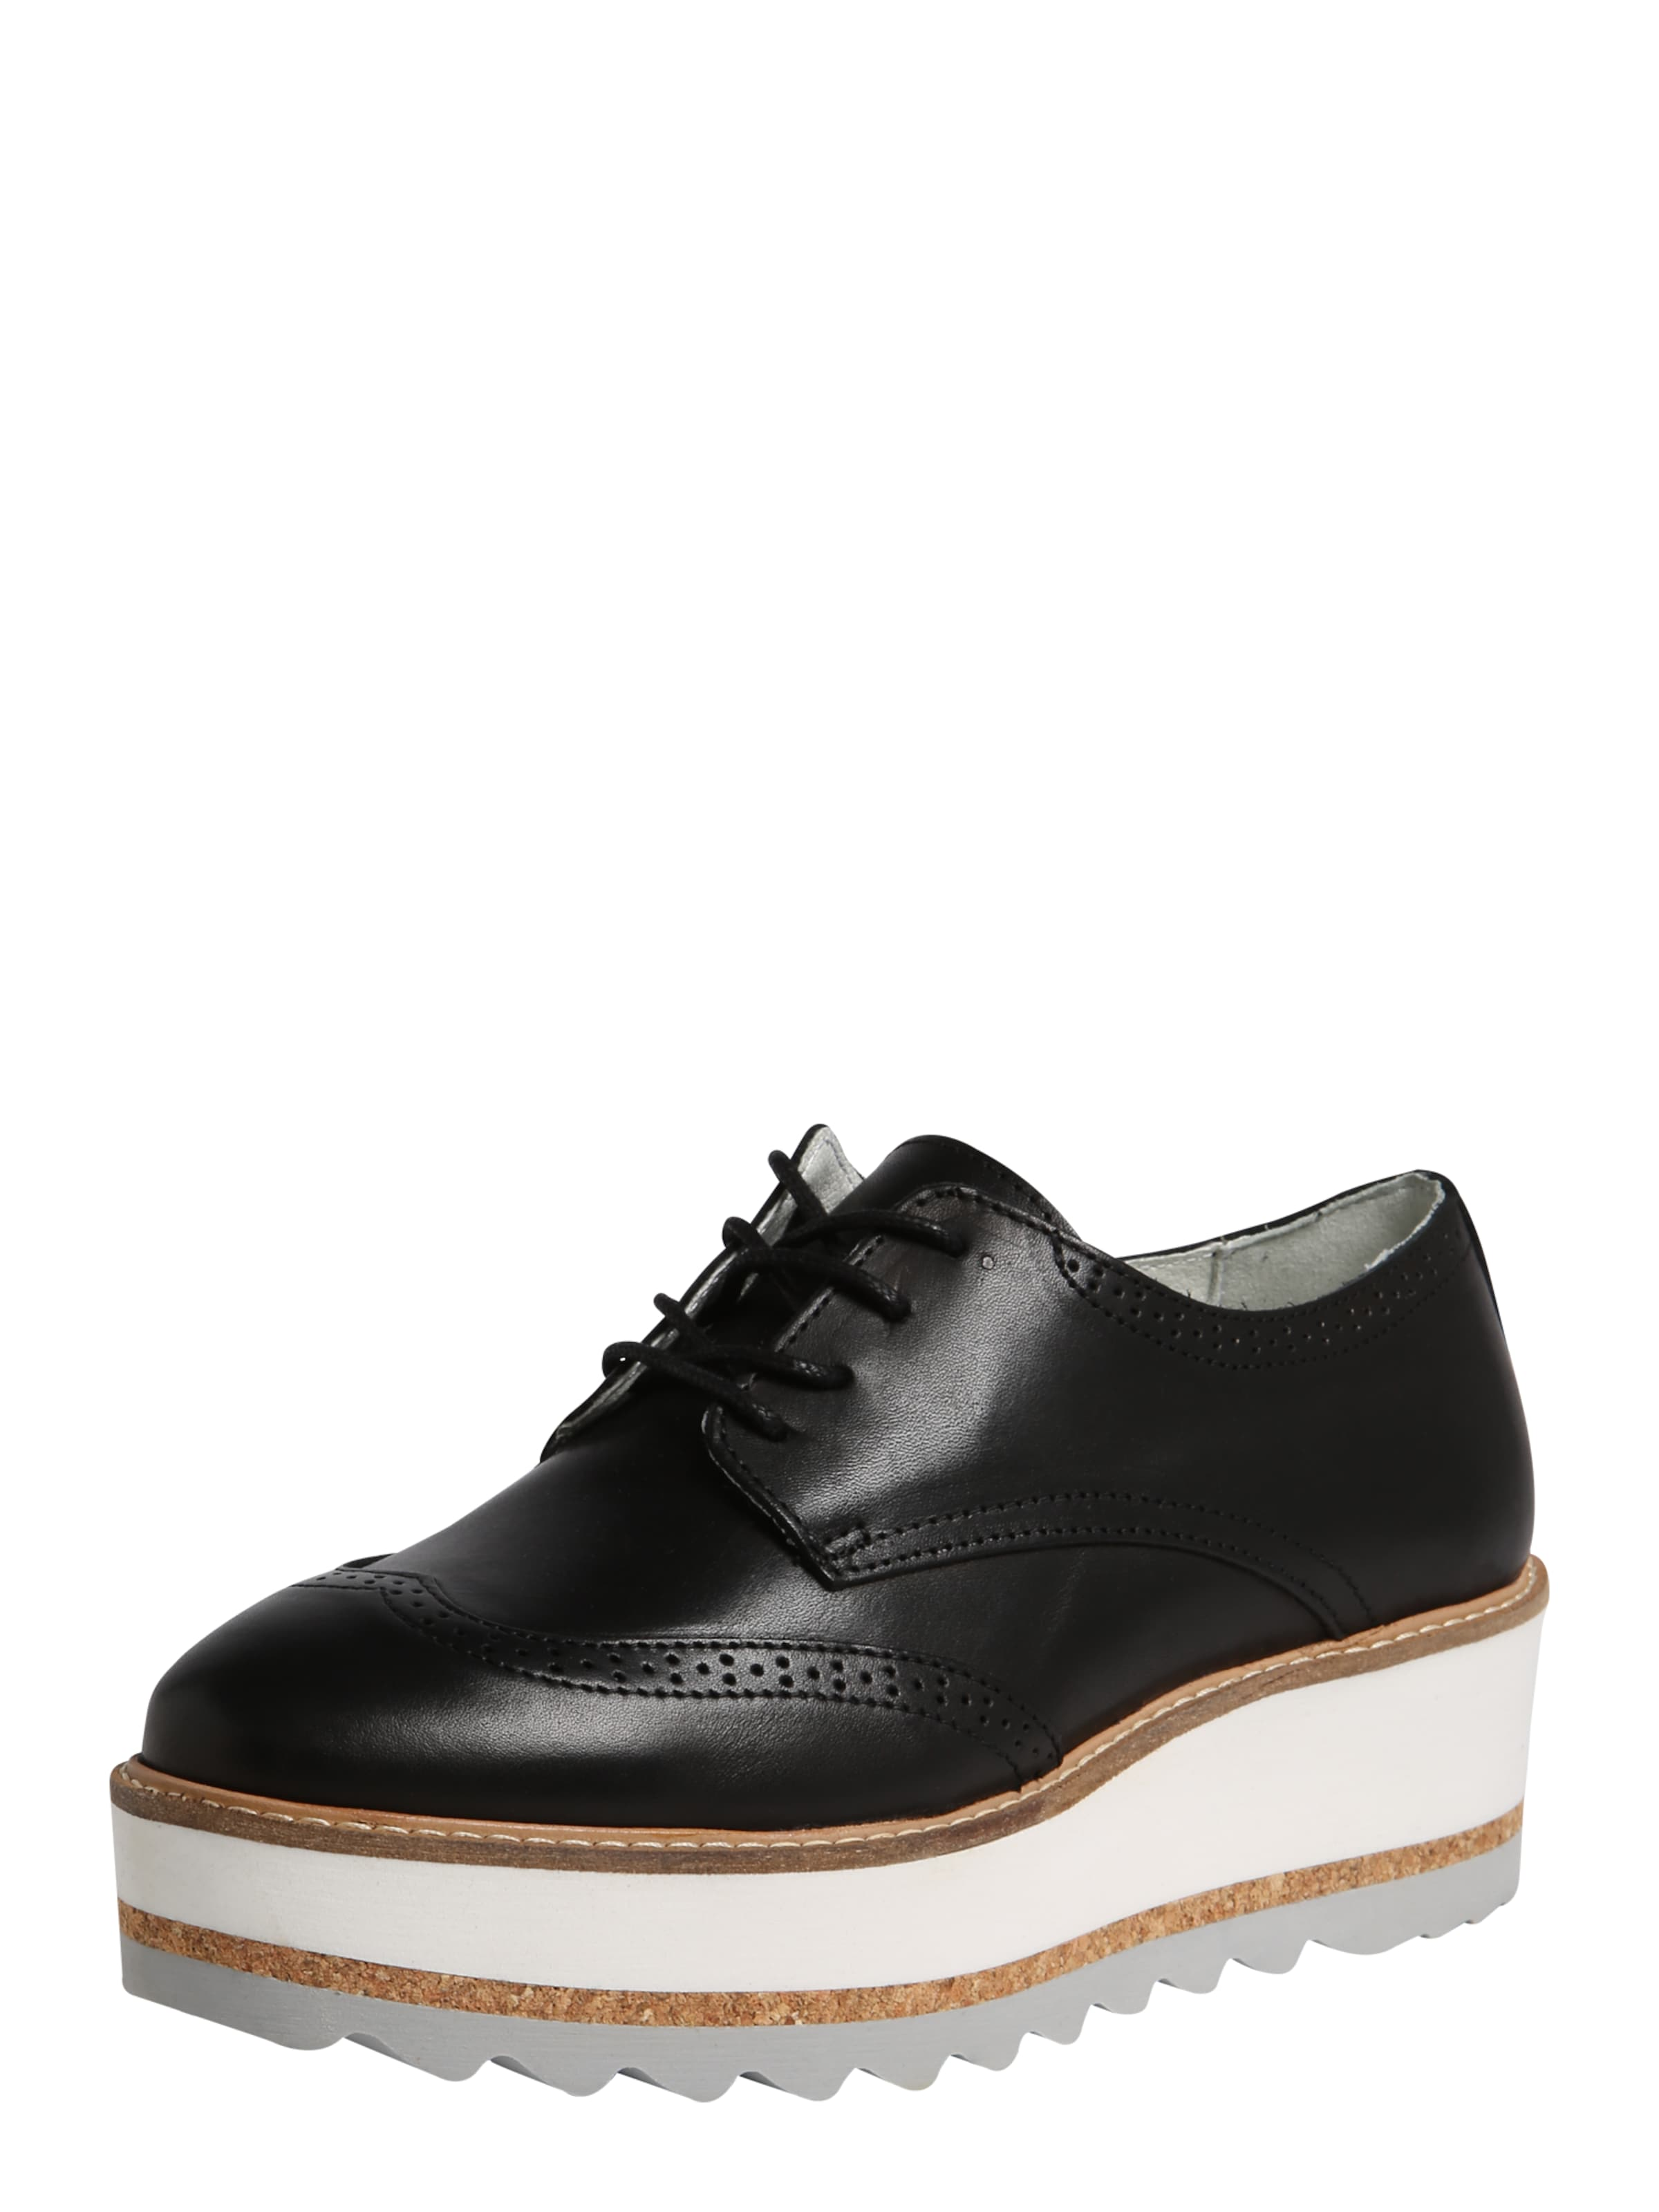 BULLBOXER Schnürer Verschleißfeste billige Schuhe Hohe Qualität